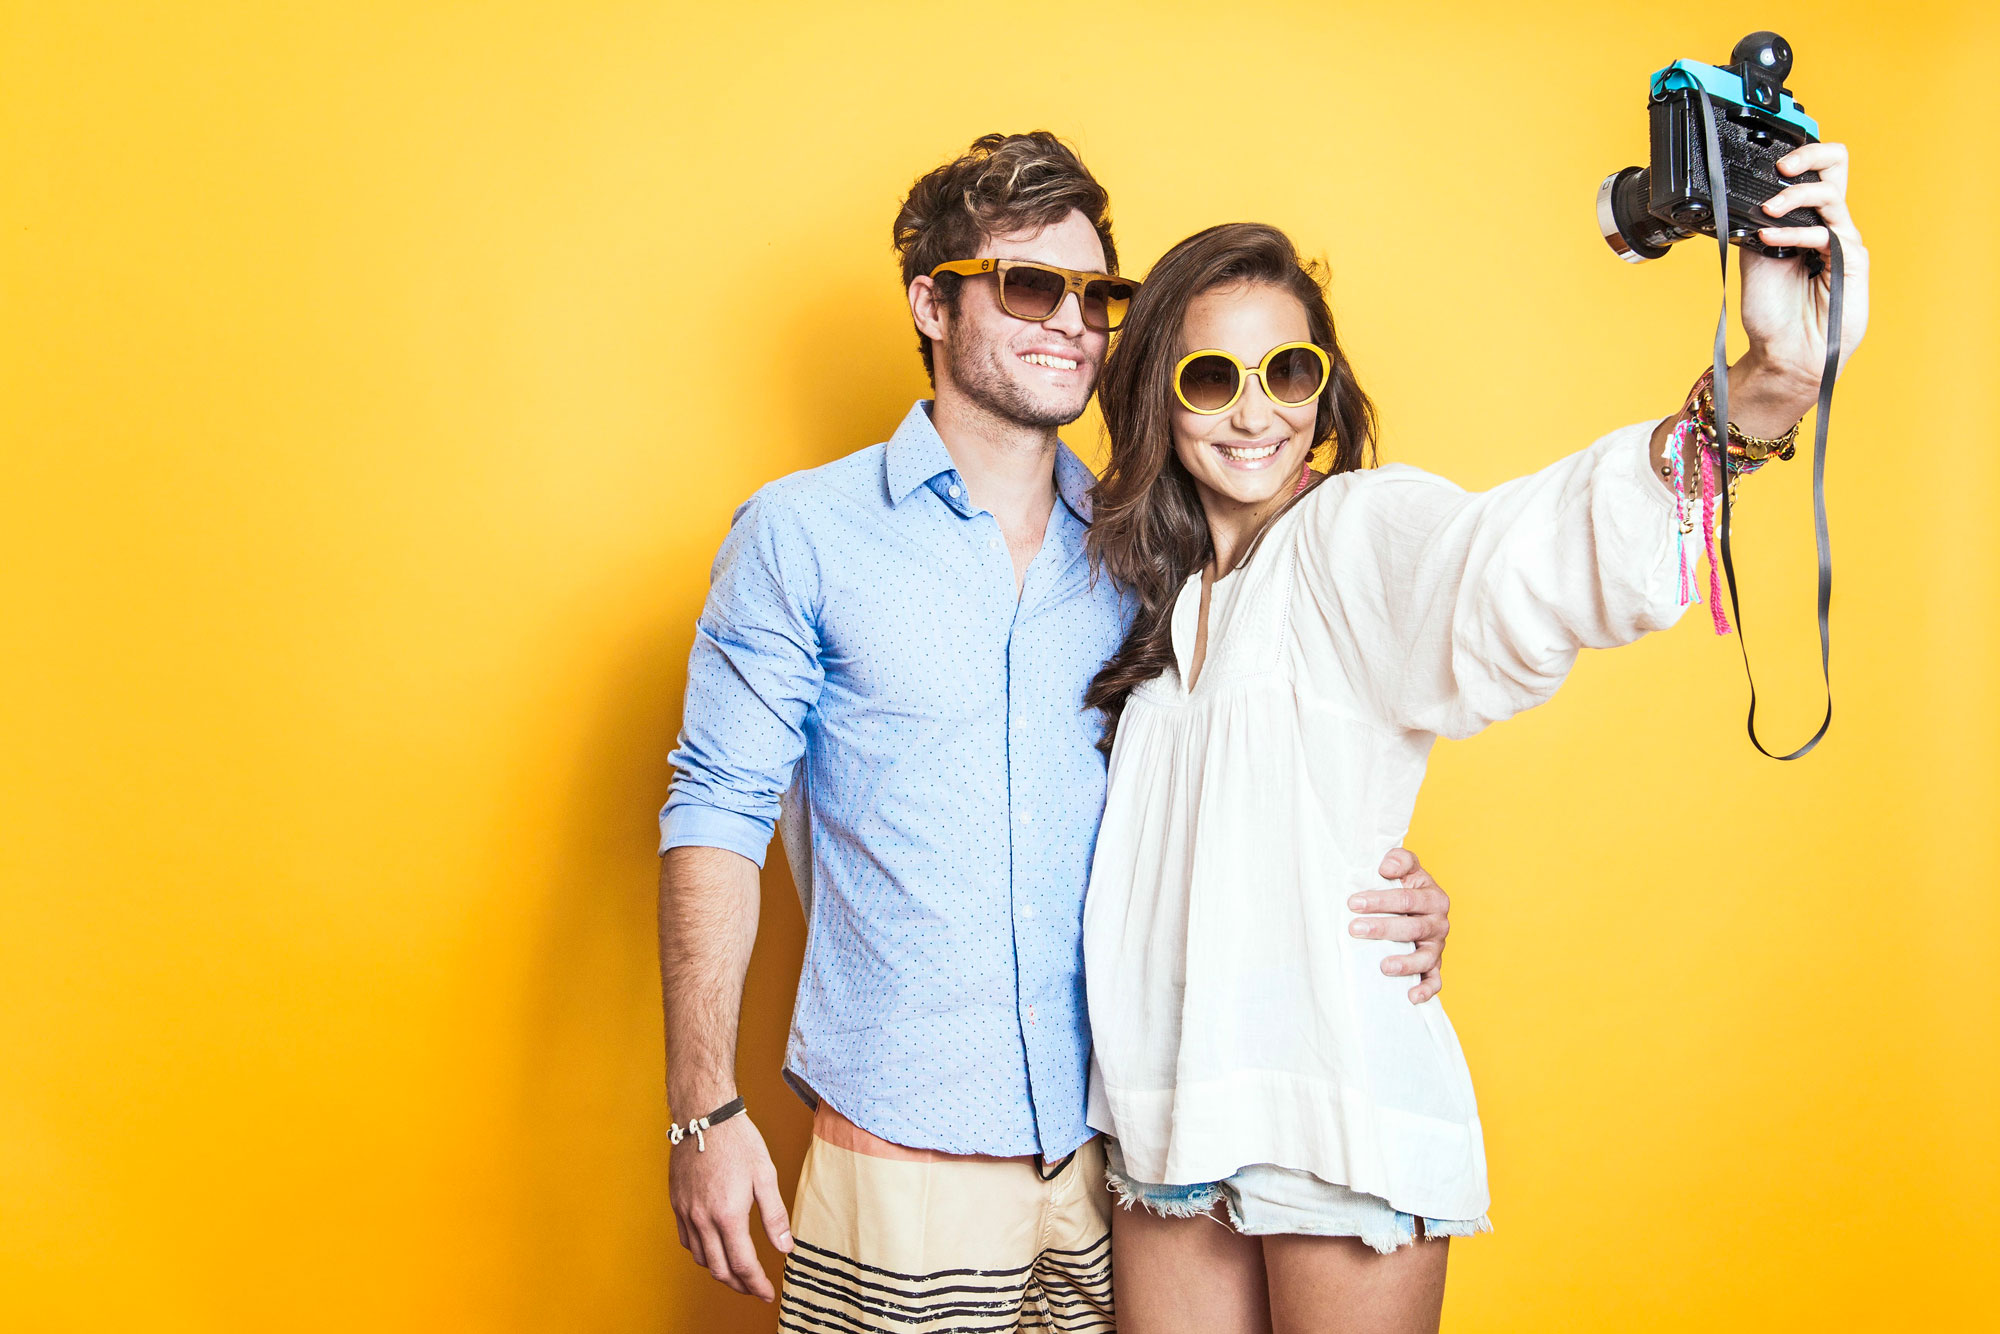 11888cd80 Notiluca apresenta dois novos modelos de óculos para o verão ©Divulgação